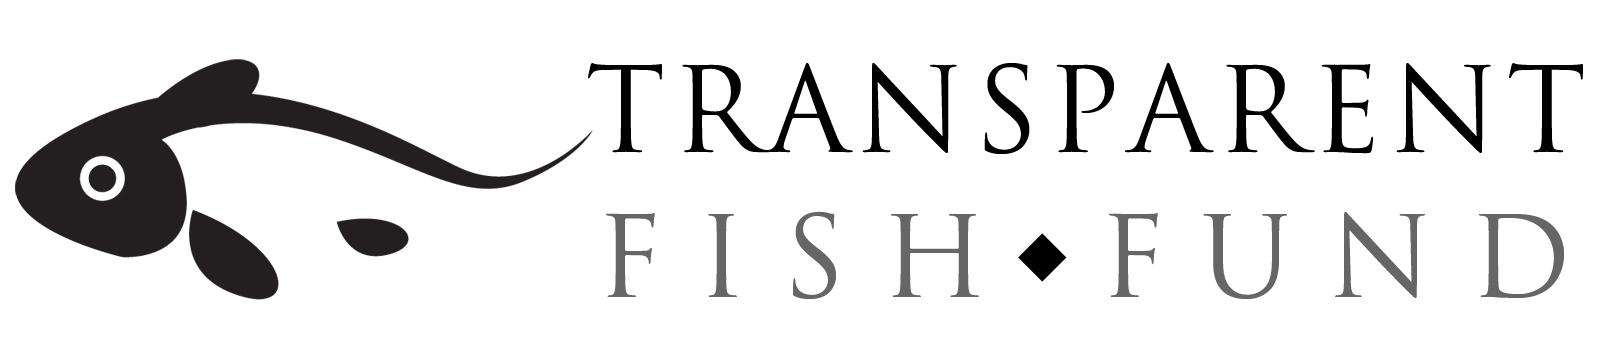 tfishfund